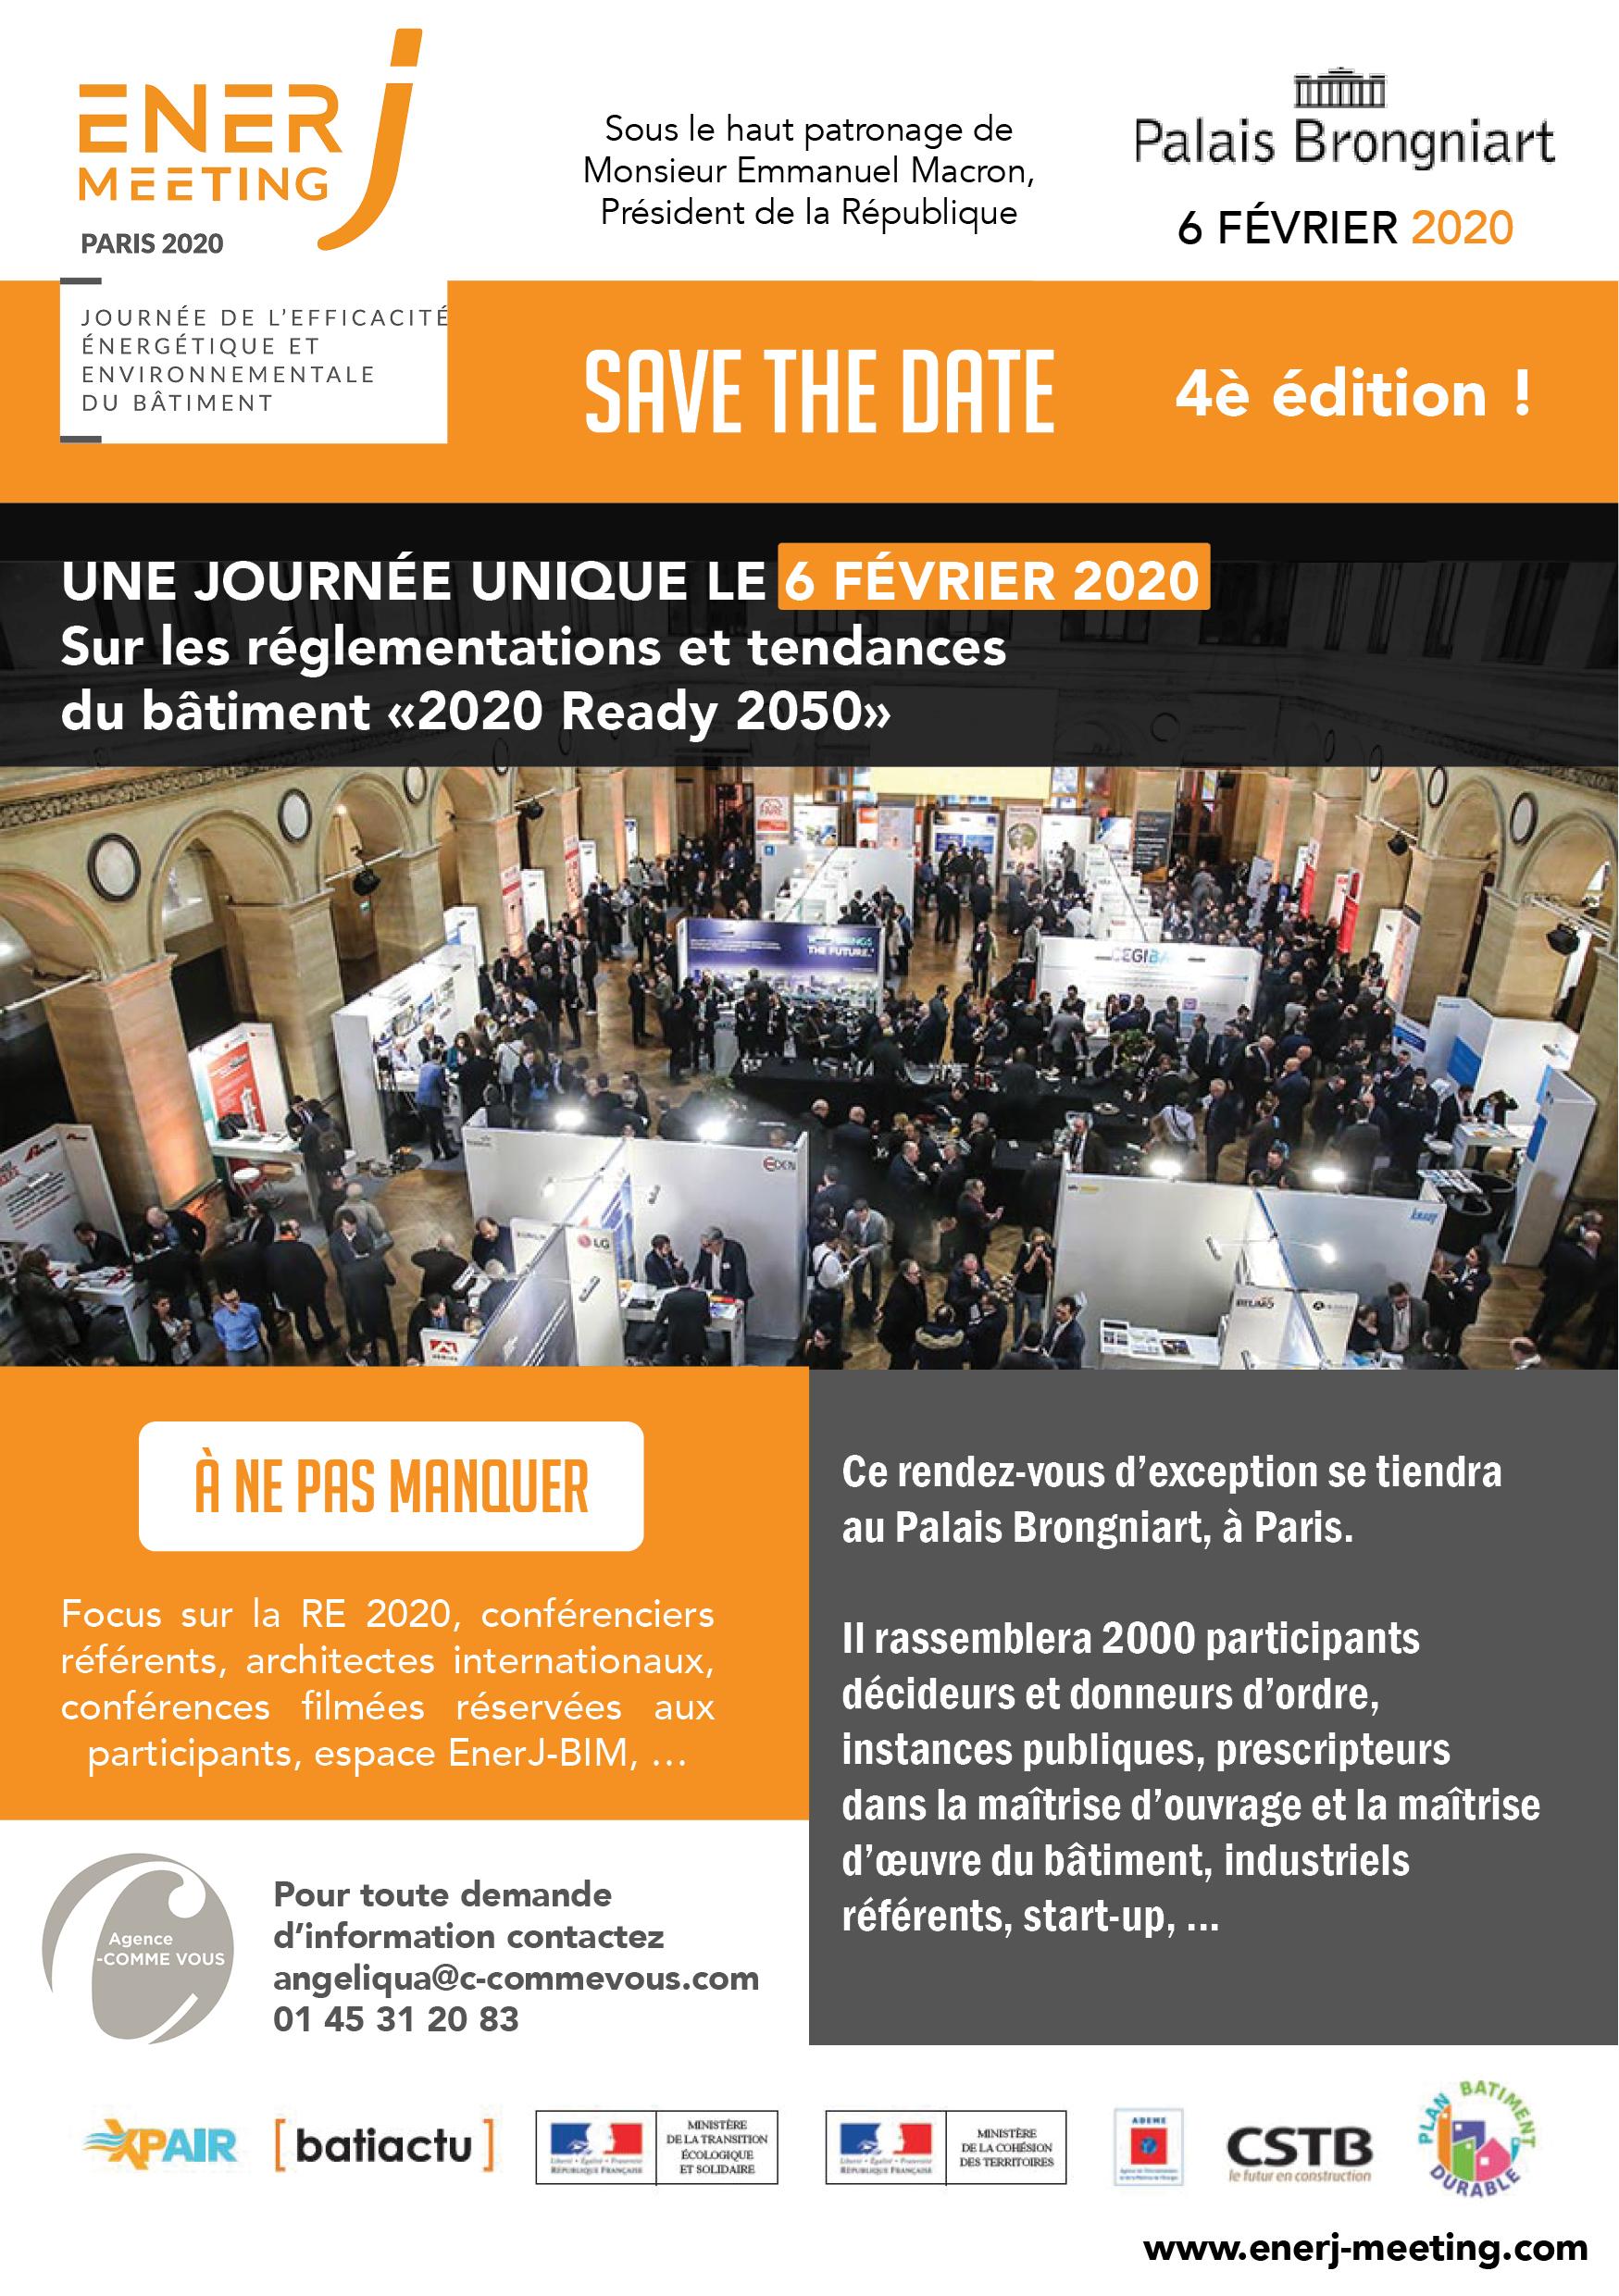 Enerjmeeting Paris - journée de l'efficacité énergétique